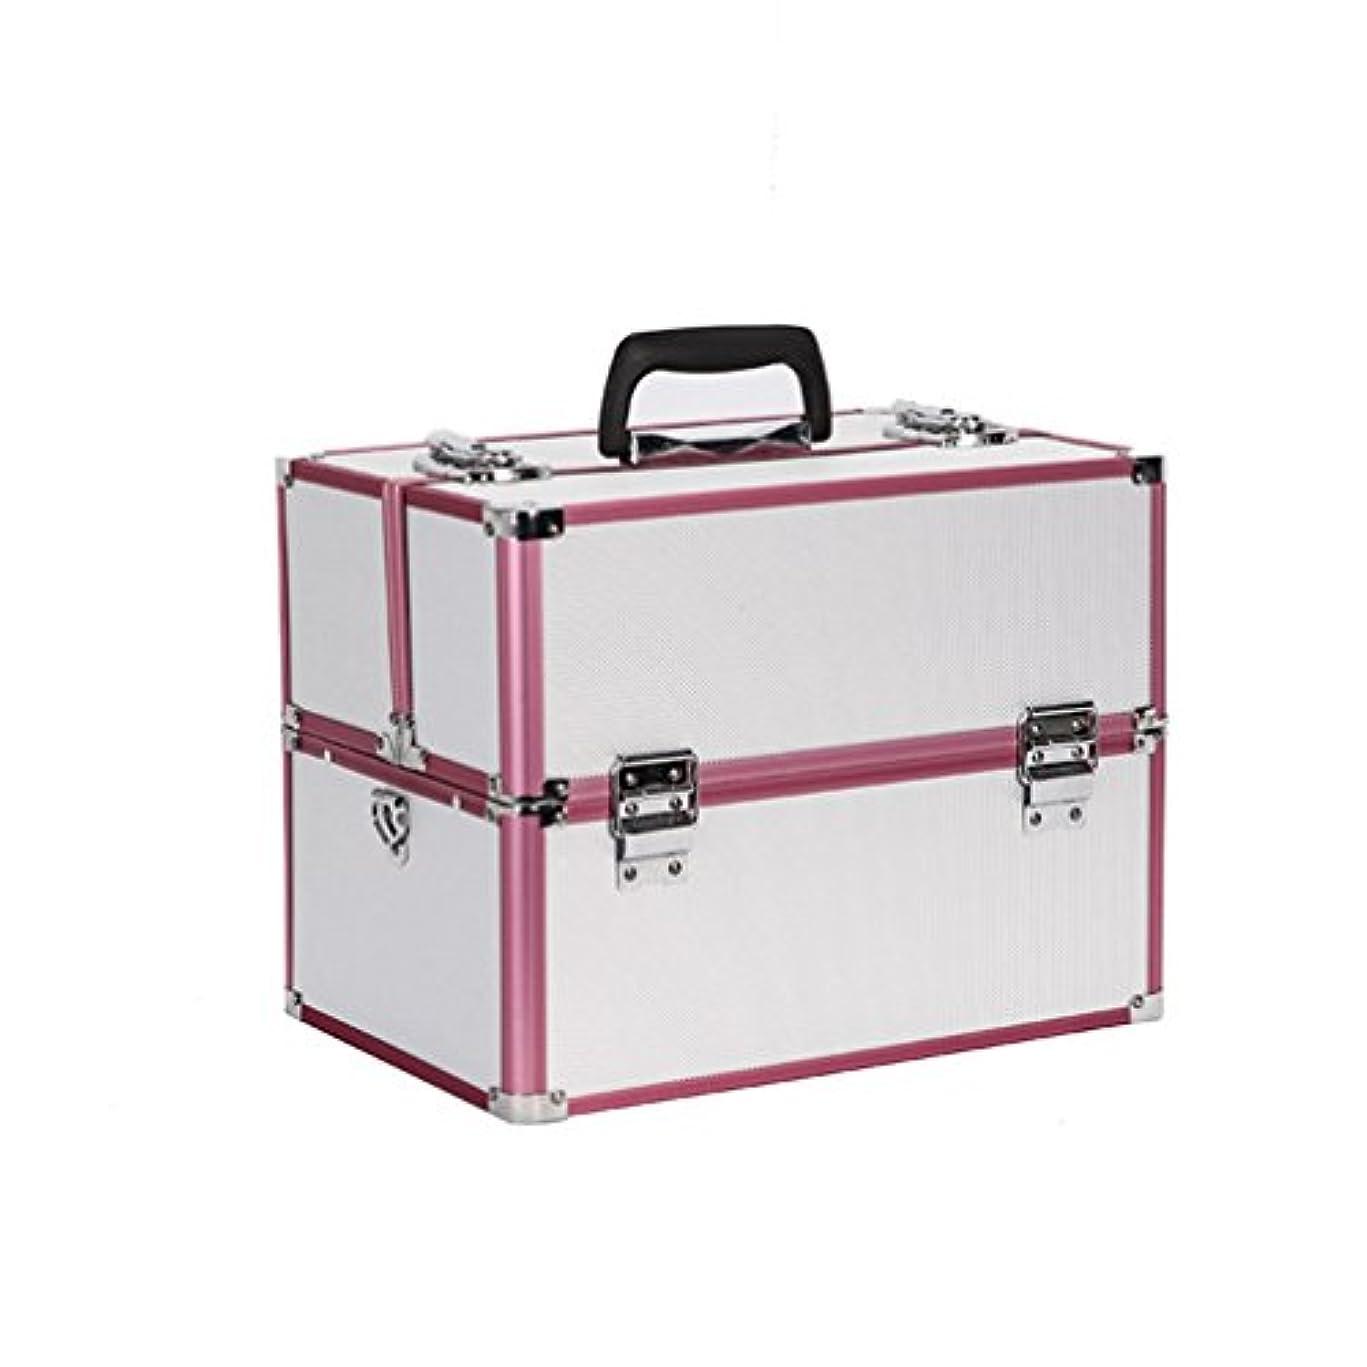 コレクションにやにや相反する{ツネユウ}プロ用 メイクボックス 高品質 多機能 大容量 メイクブラシバッグ 収納ケース ネイルボックス 化粧 取っ手付 バニティボックス 化粧道具 小物入れ ブラック ピンク